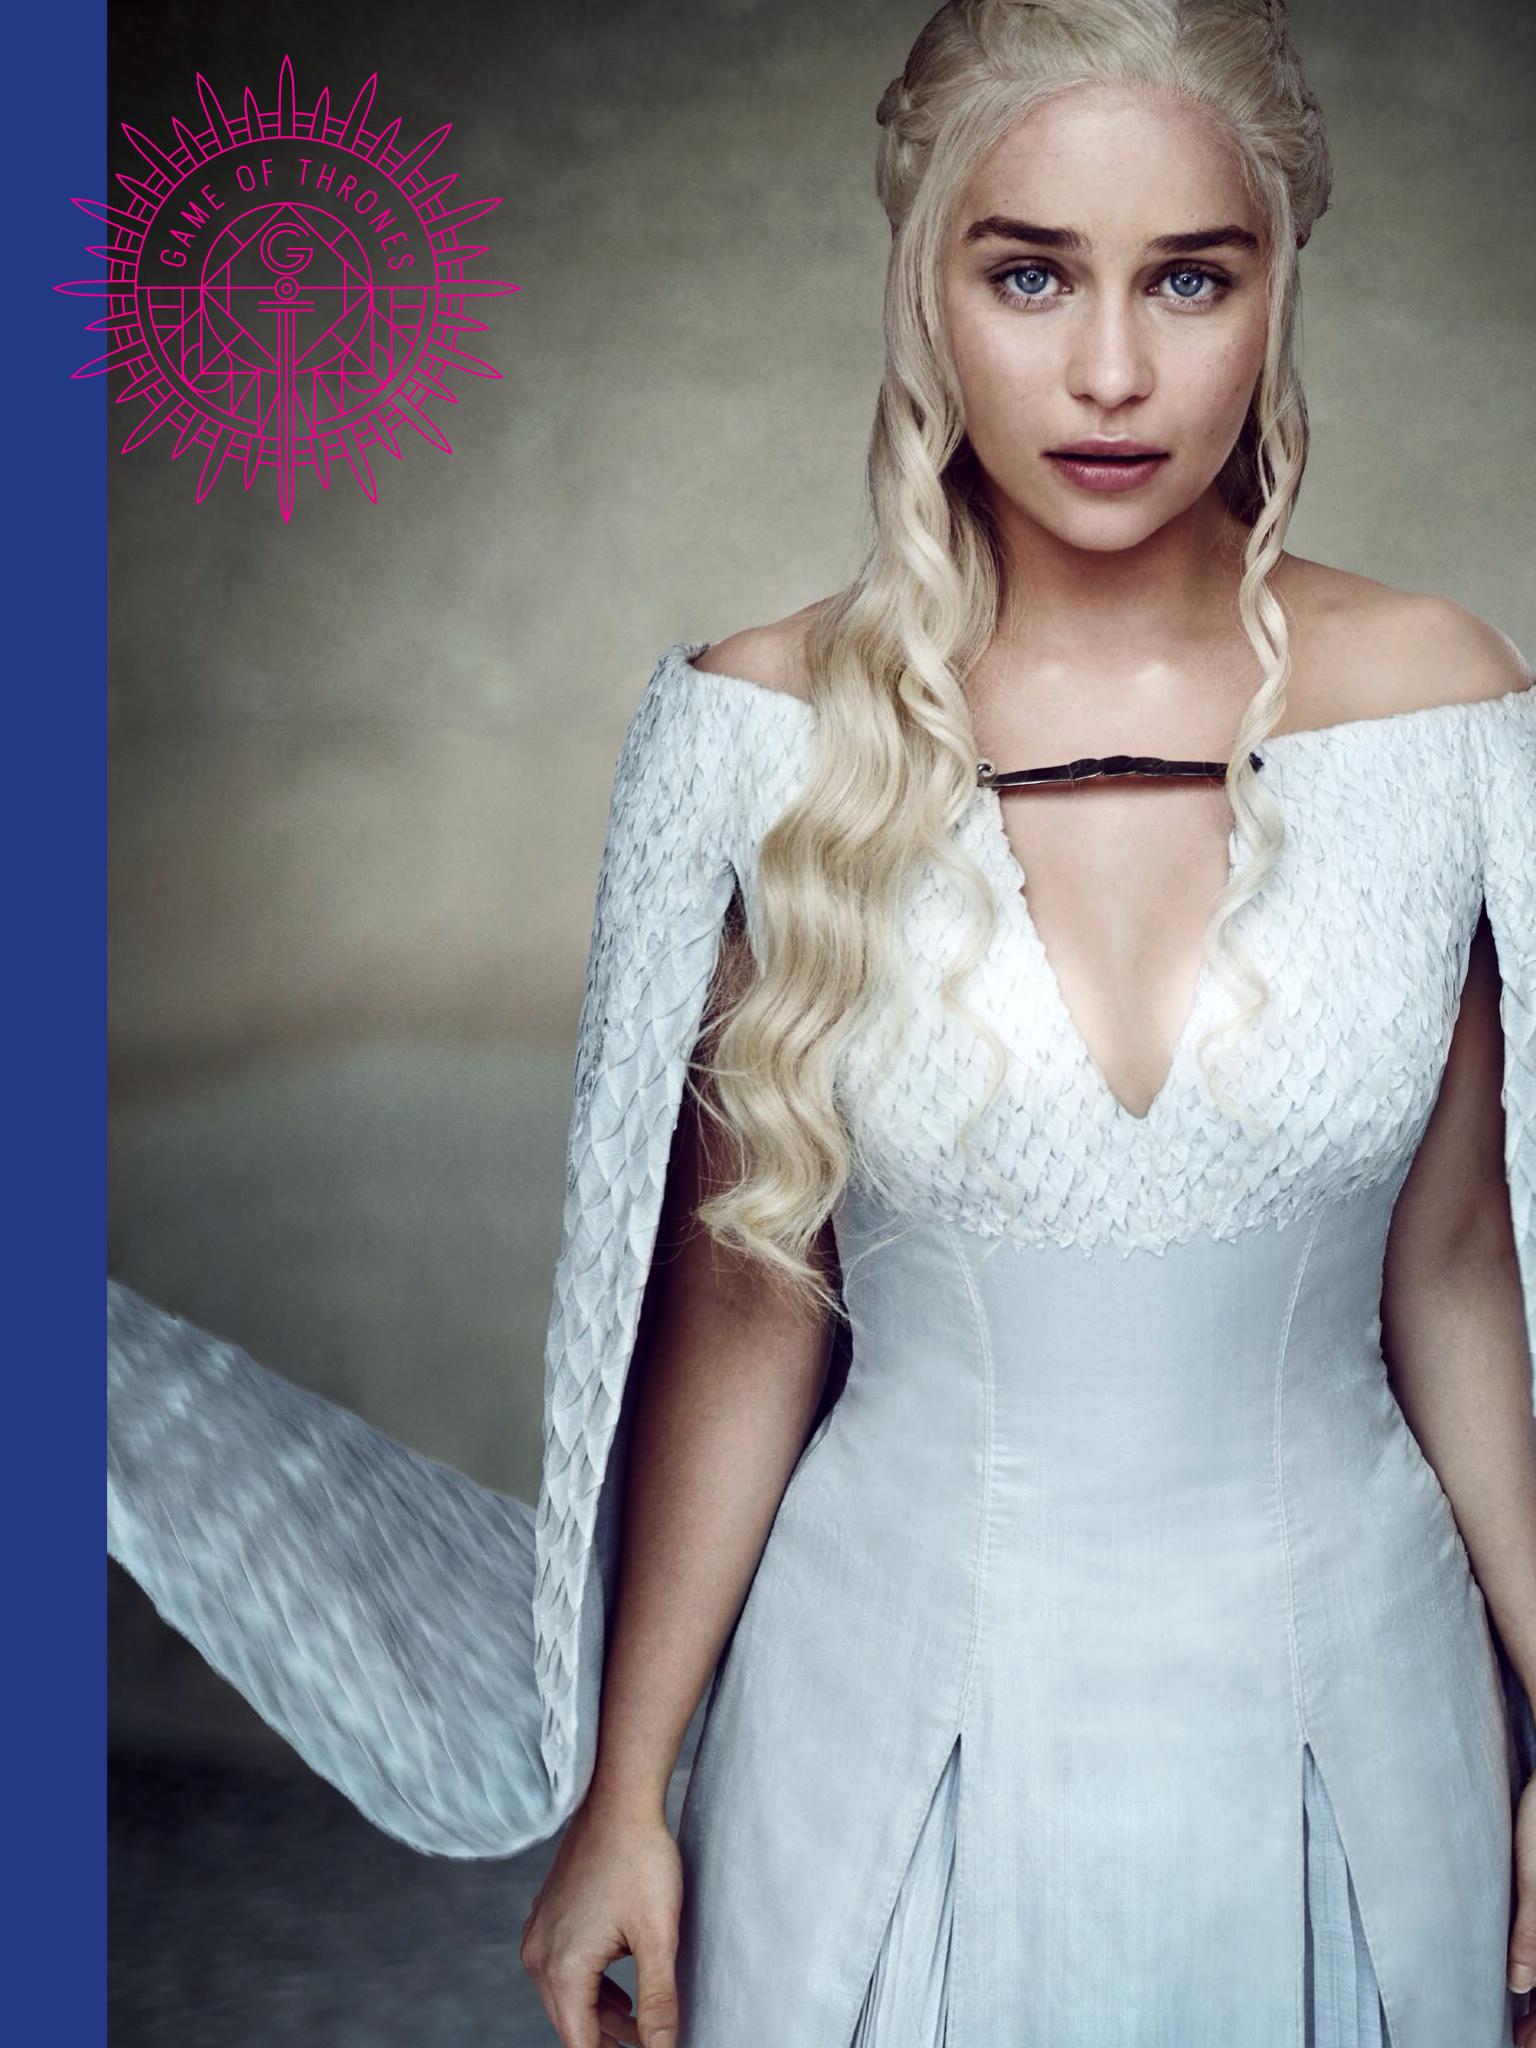 Дейнерис Эмилия Кларк с белыми волосами в платье